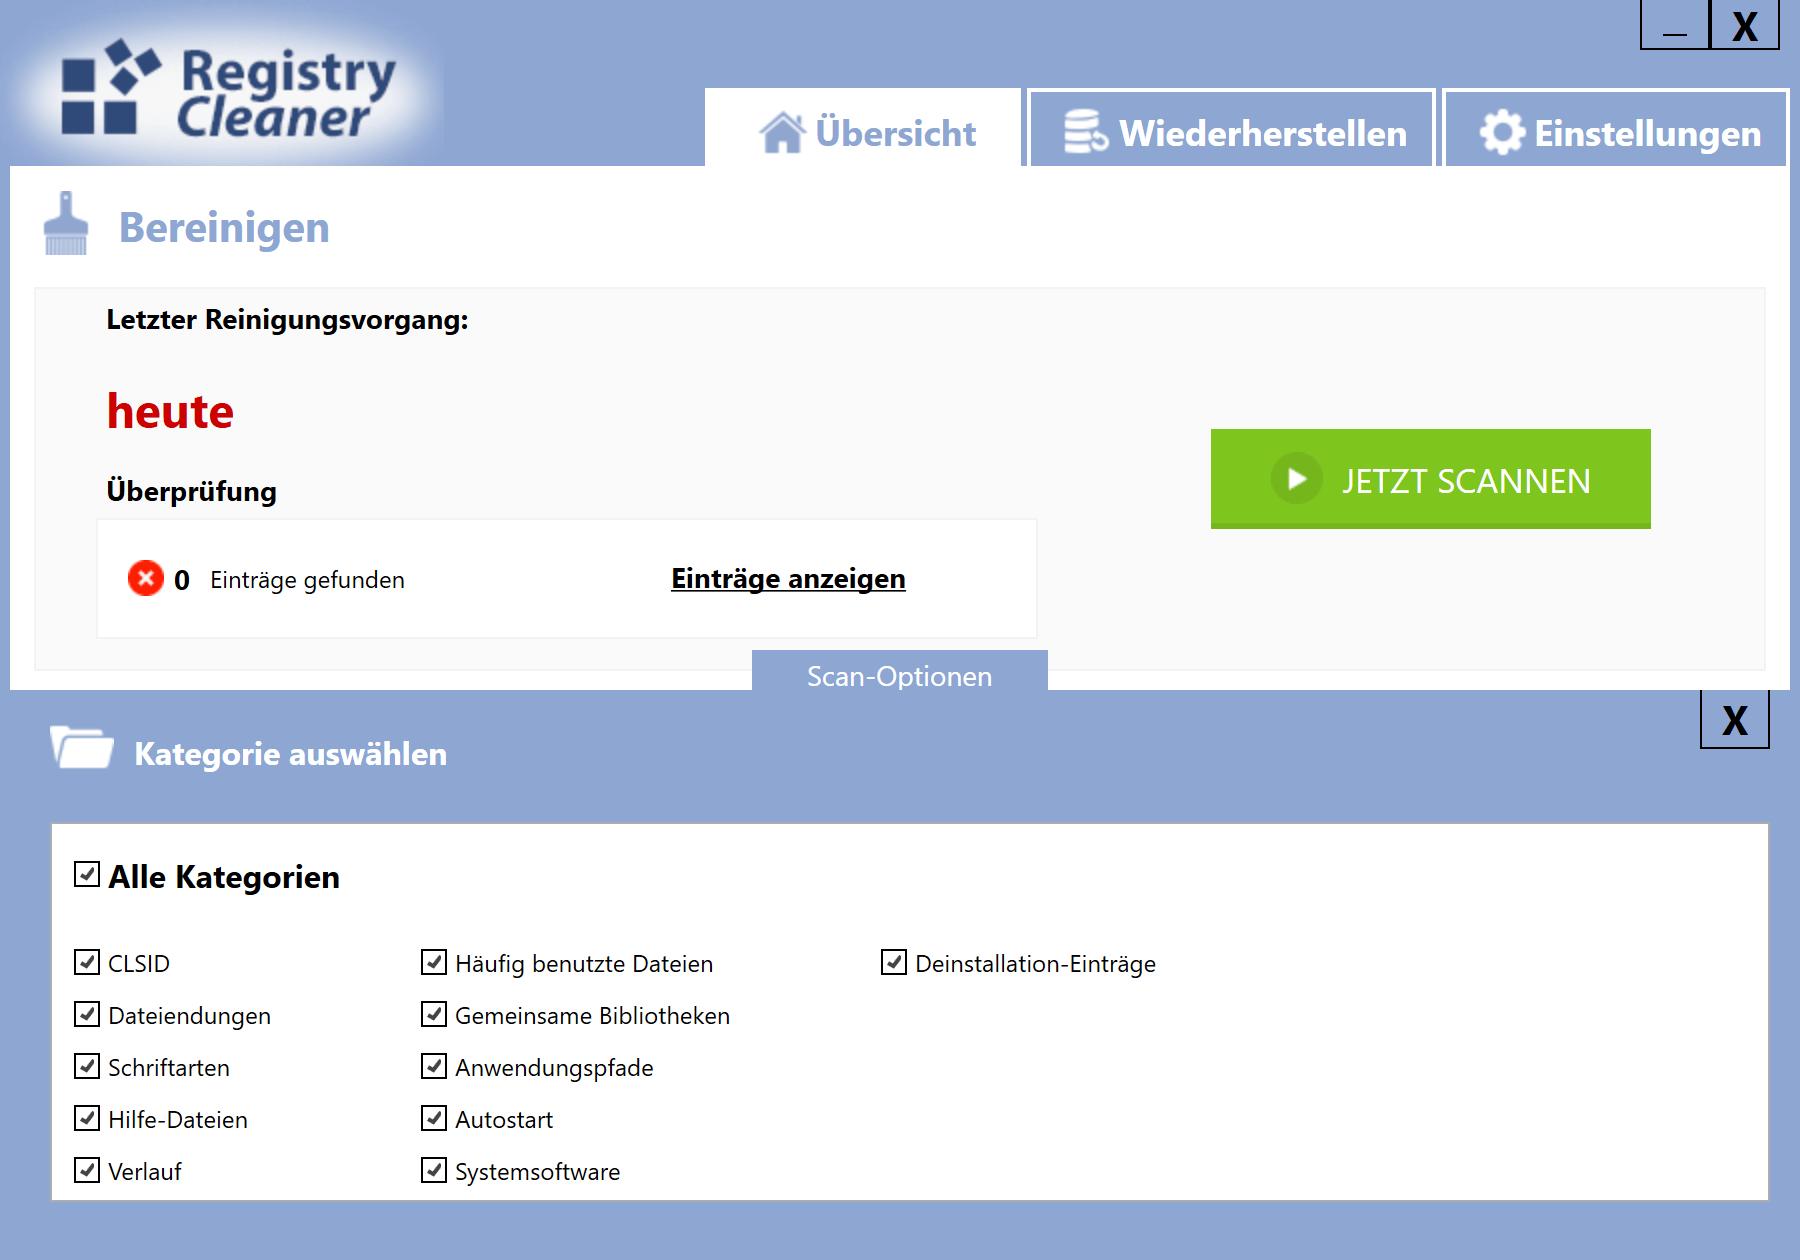 Gelöschte Einträge in der Registry wiederherstellen - Scan-Optionen